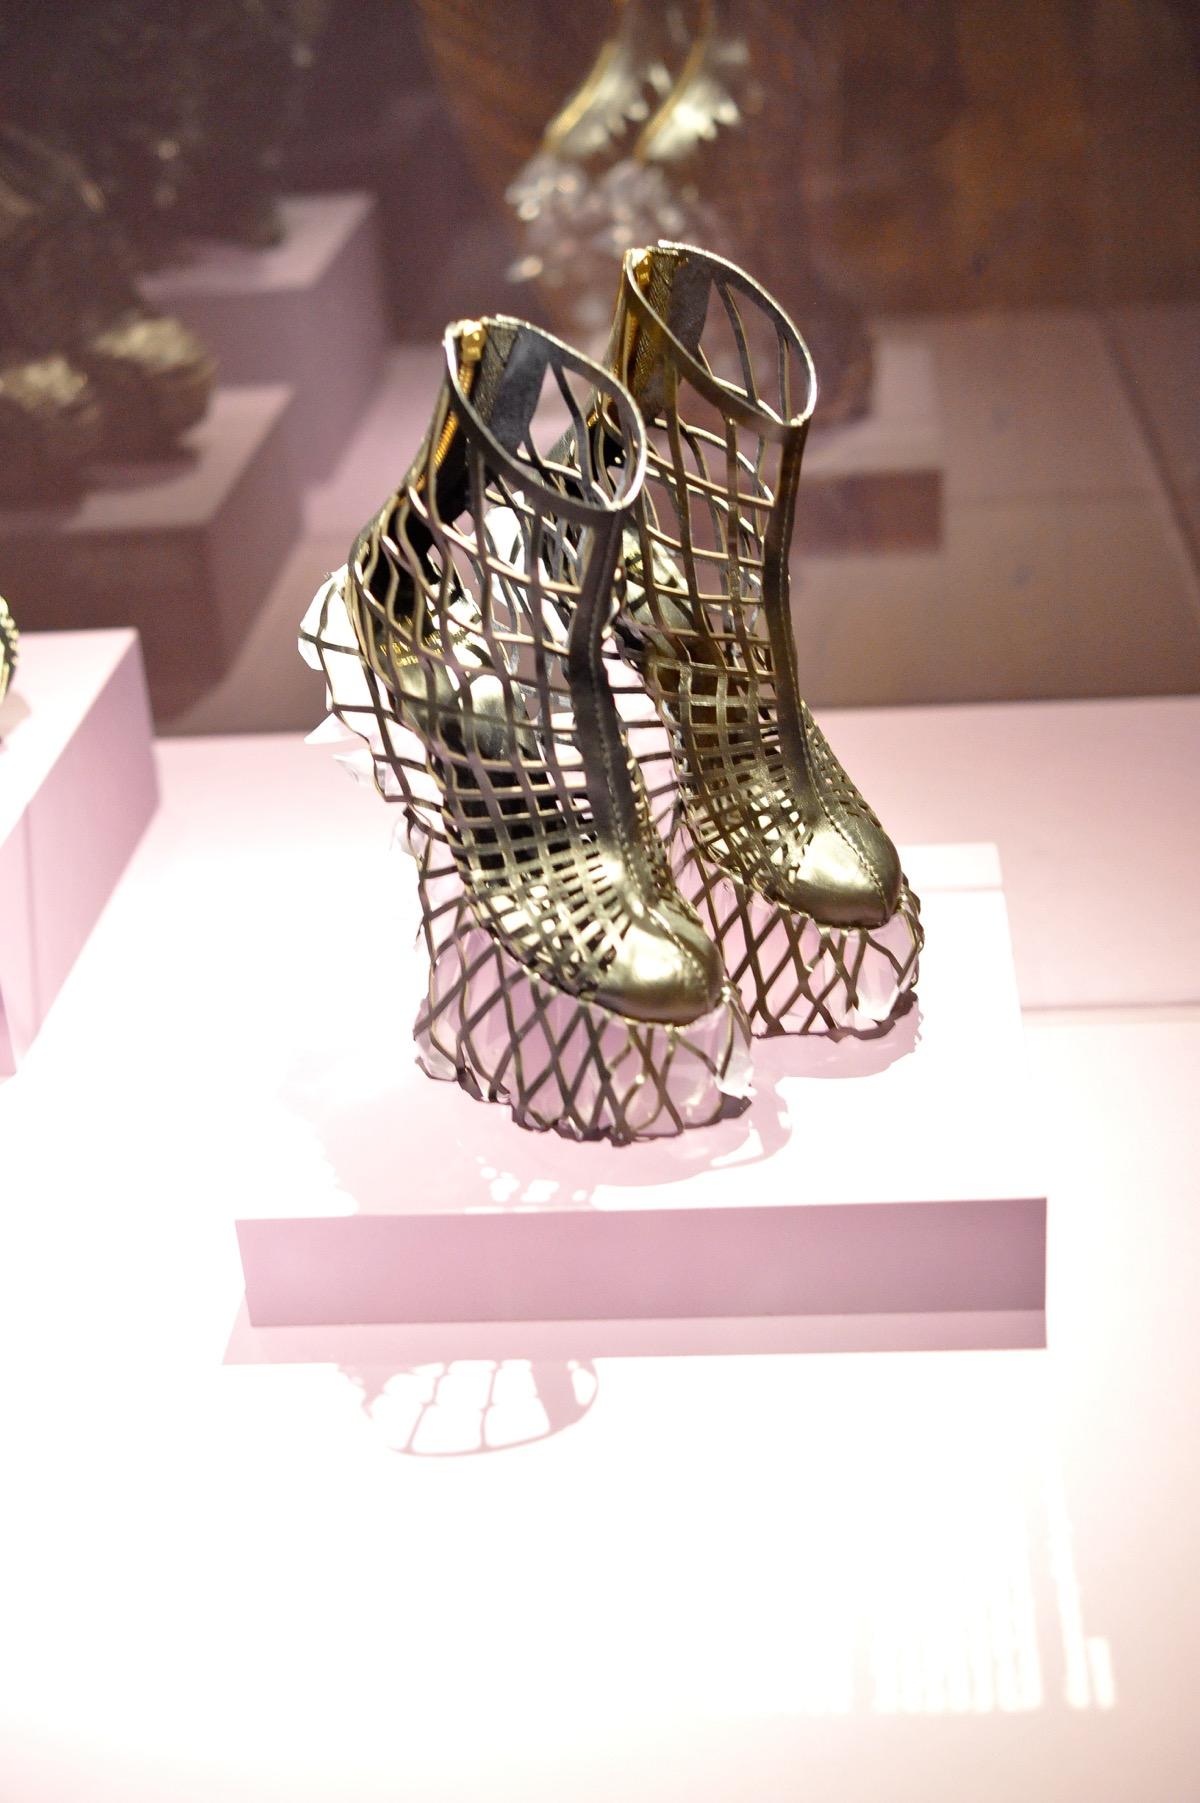 high museum of art iris van herpen - @mystylevita - 6